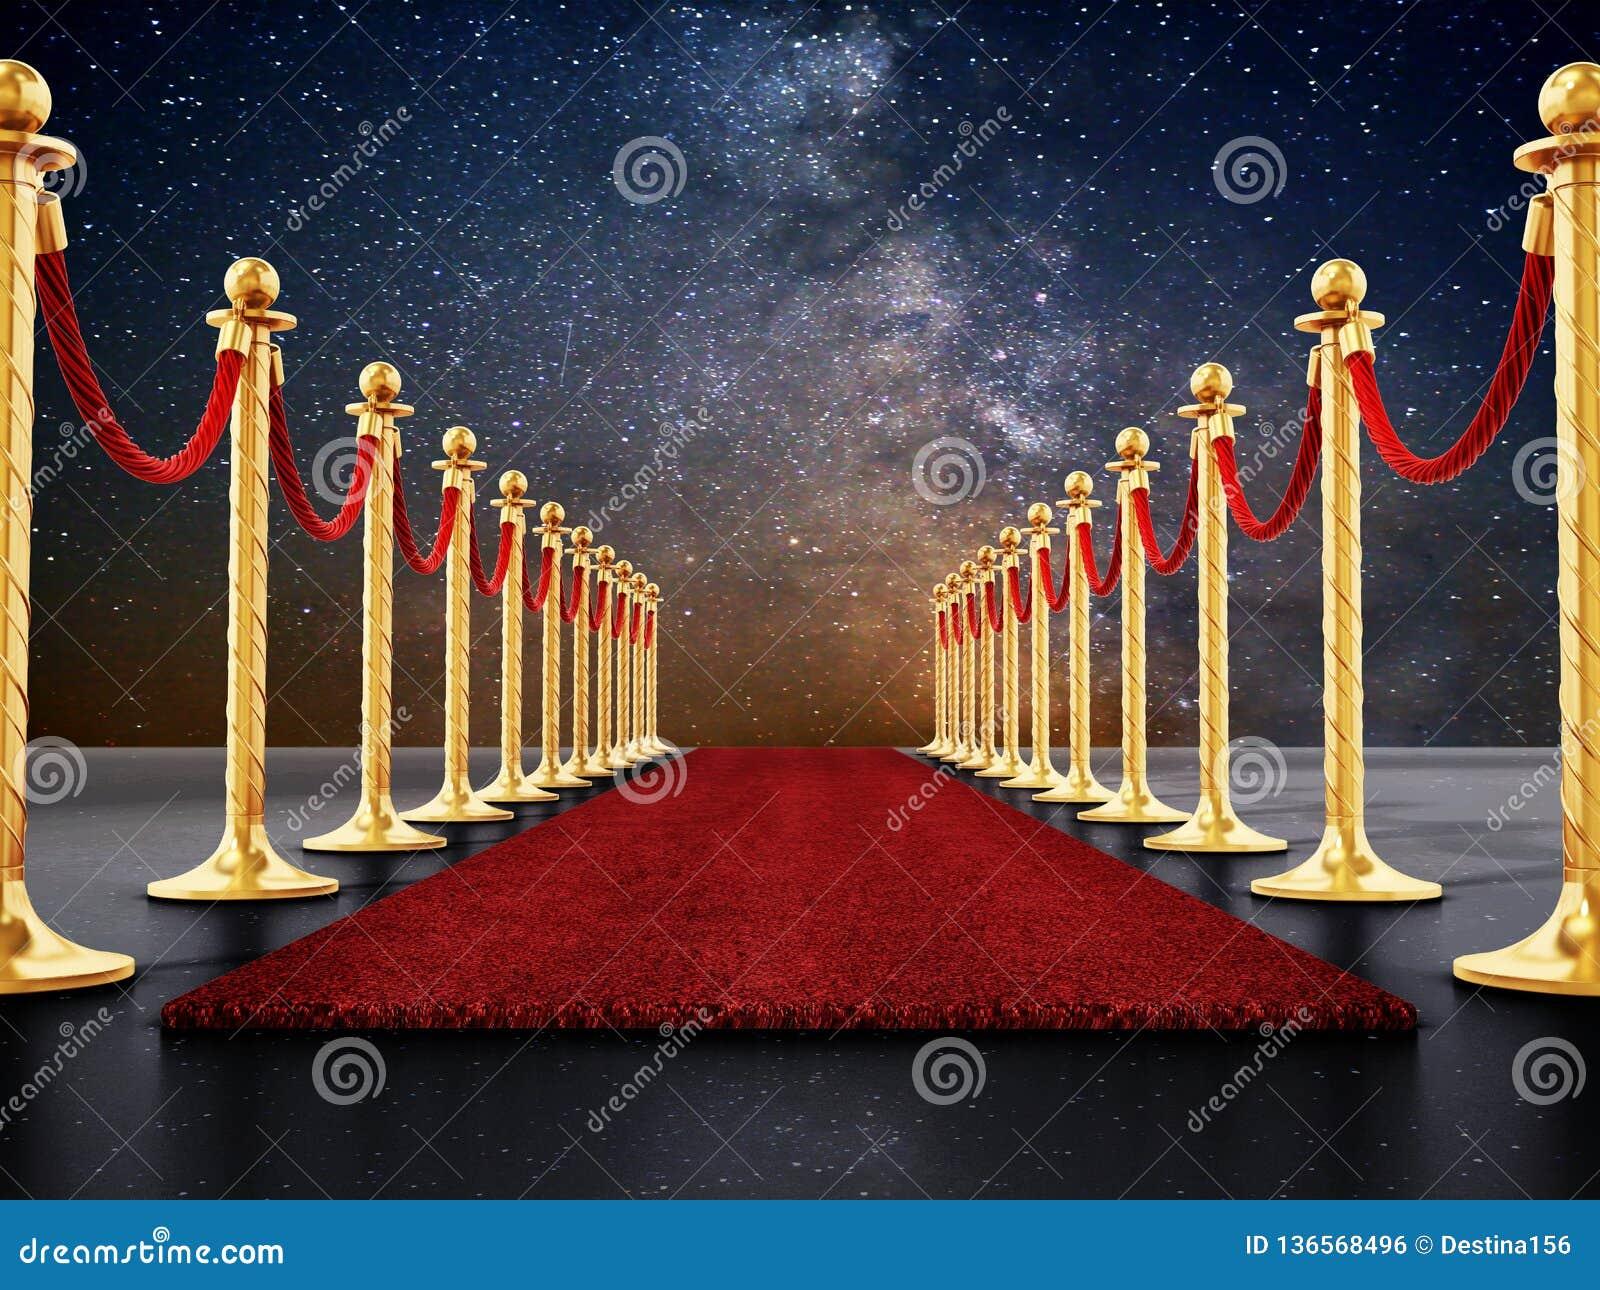 Samtfesseln und goldene Sperren entlang dem roten Teppich Abbildung 3D